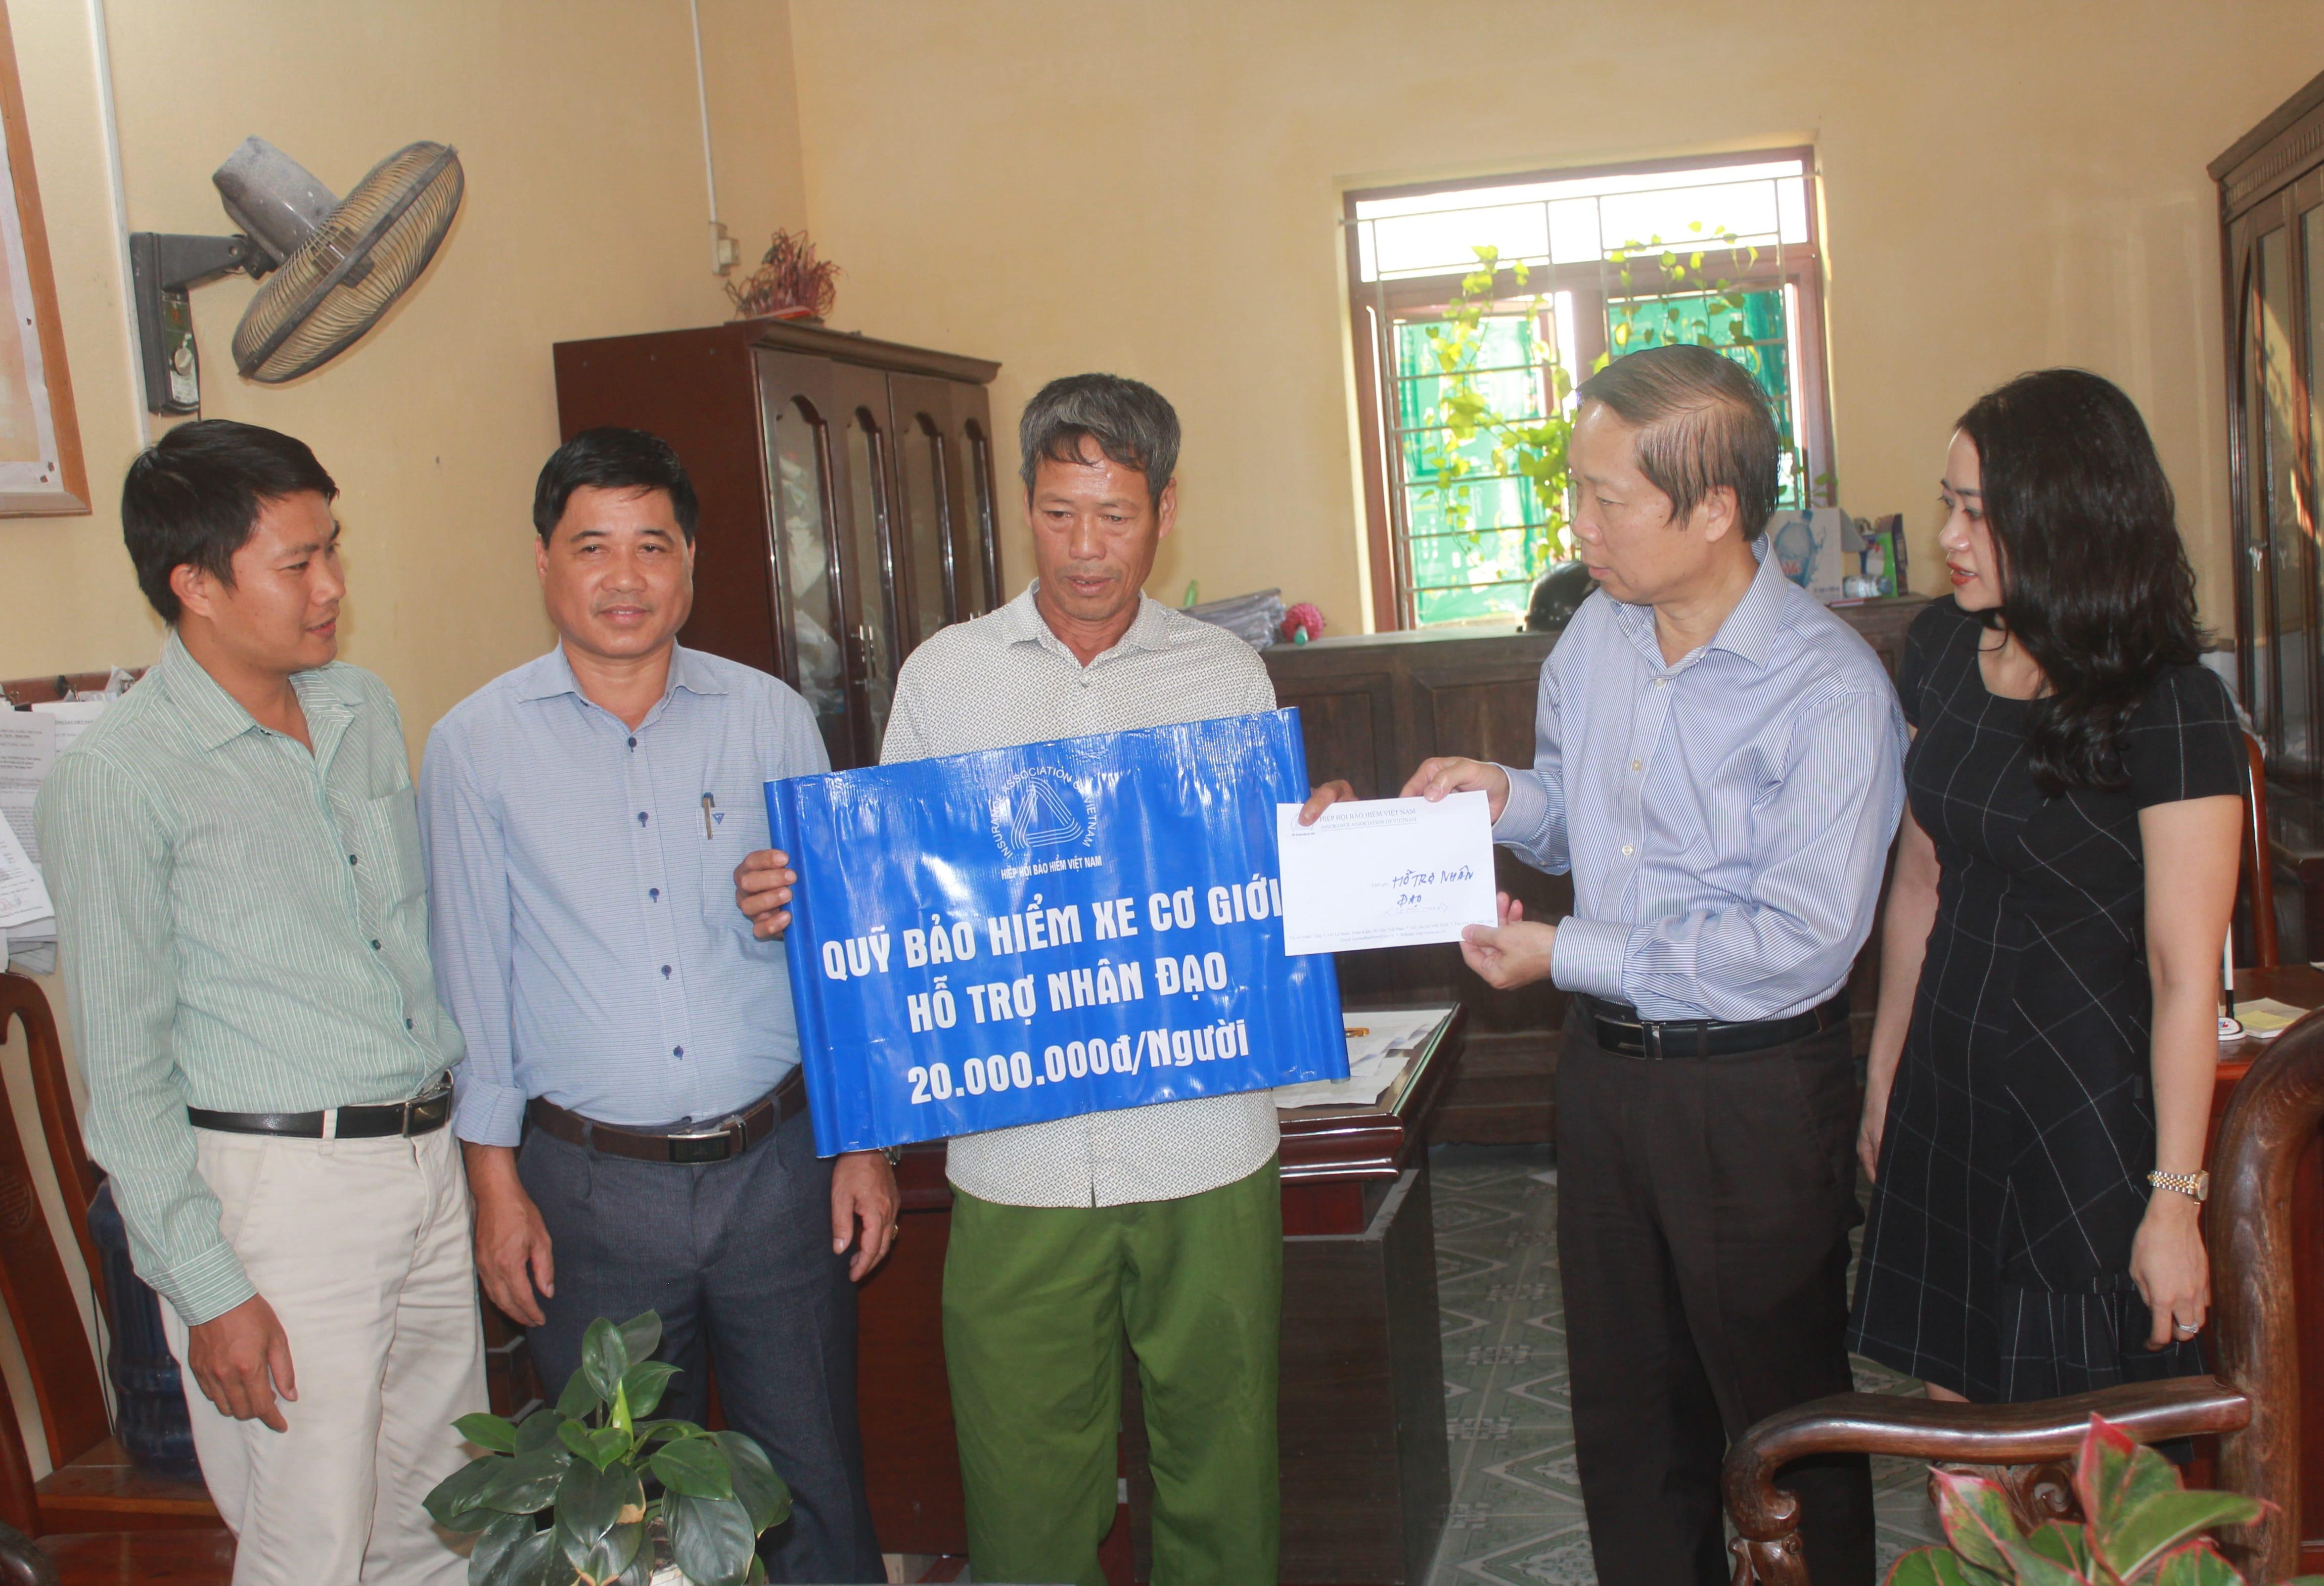 Quỹ Bảo hiểm xe cơ giới – Hiệp hội Bảo hiểm Việt Nam hỗ trợ nhân đạo tại Hải Dương